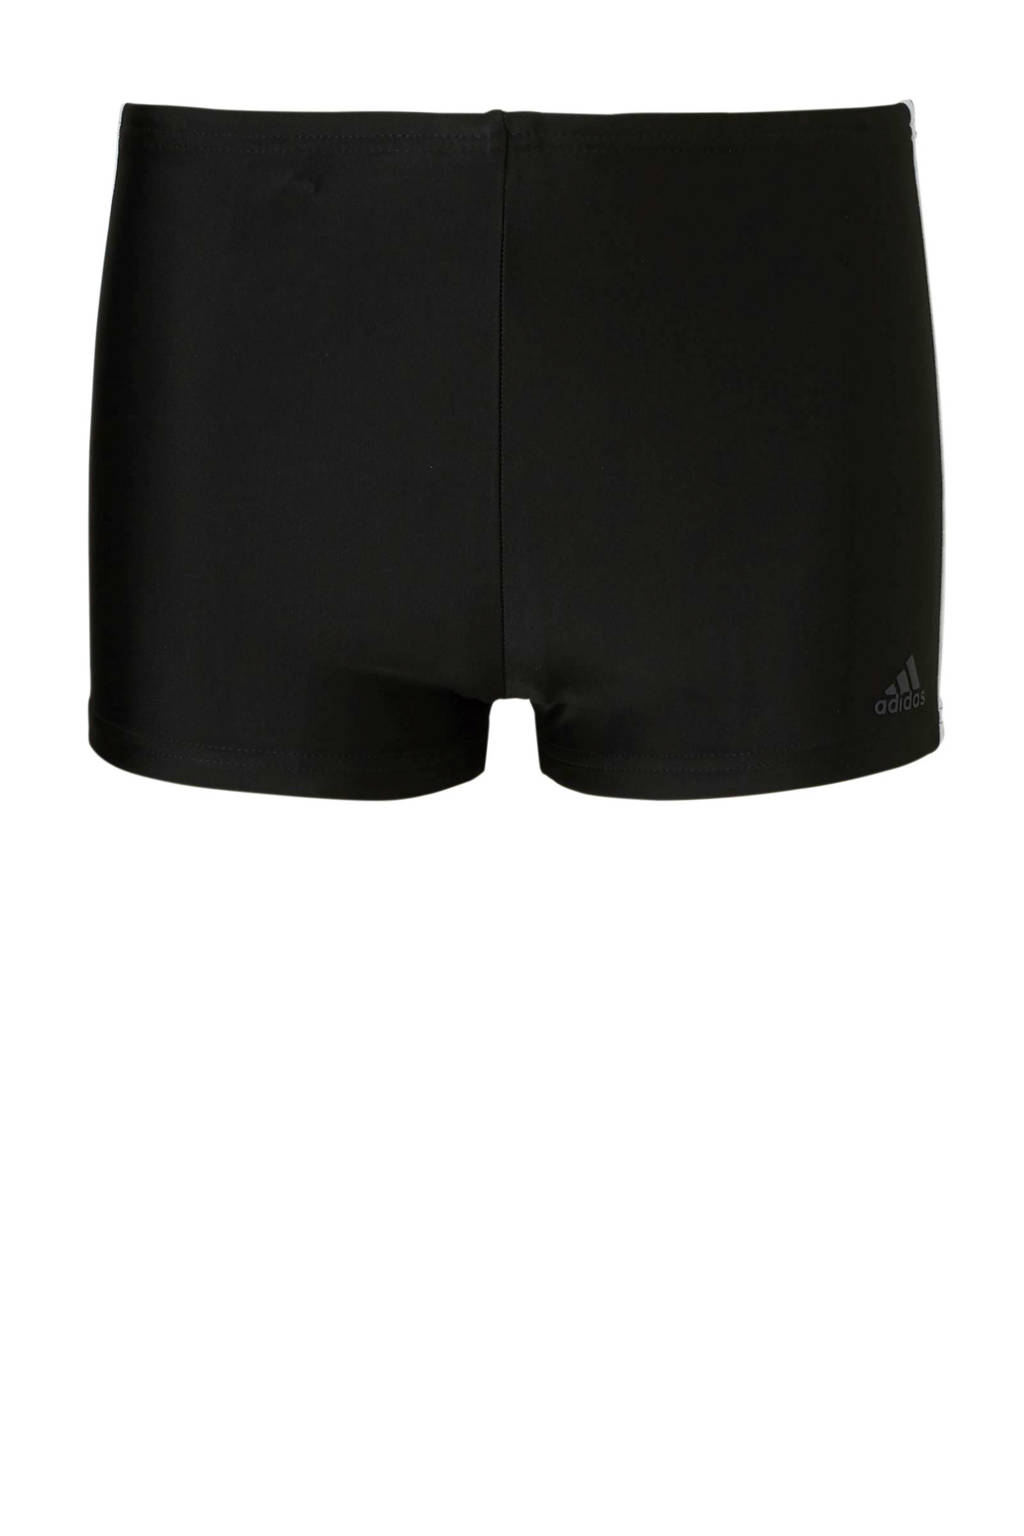 adidas infinitex zwemboxer 3-stripes zwart, Zwart